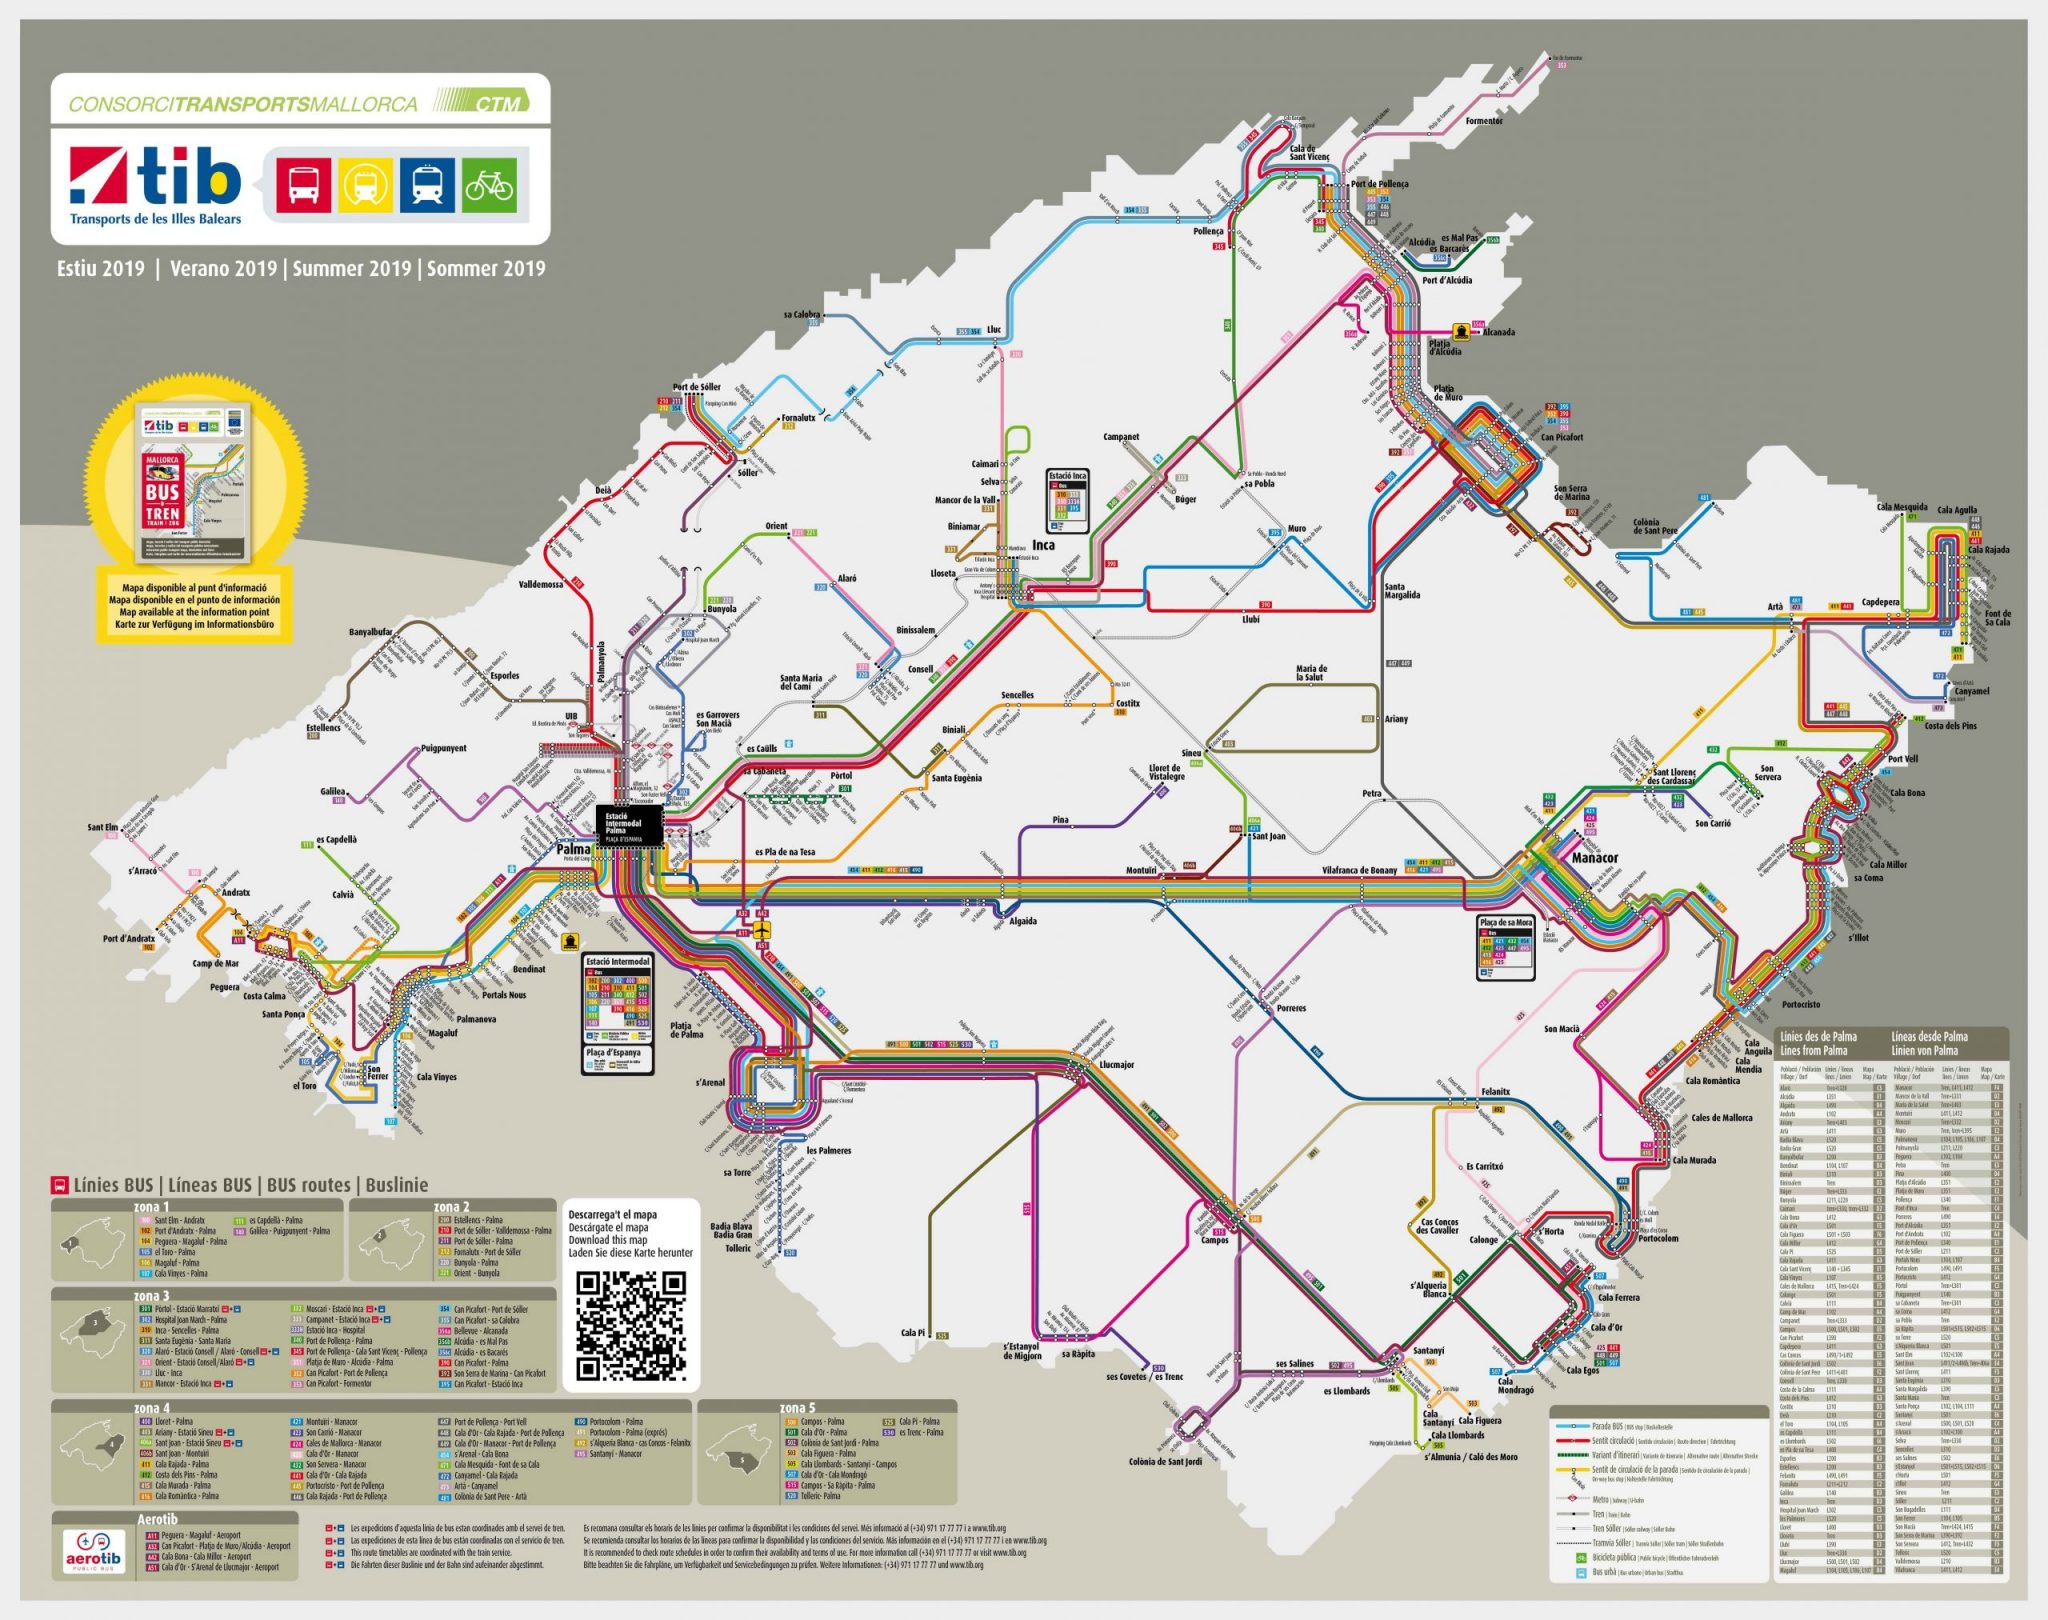 Bus plan Mallorca 2019